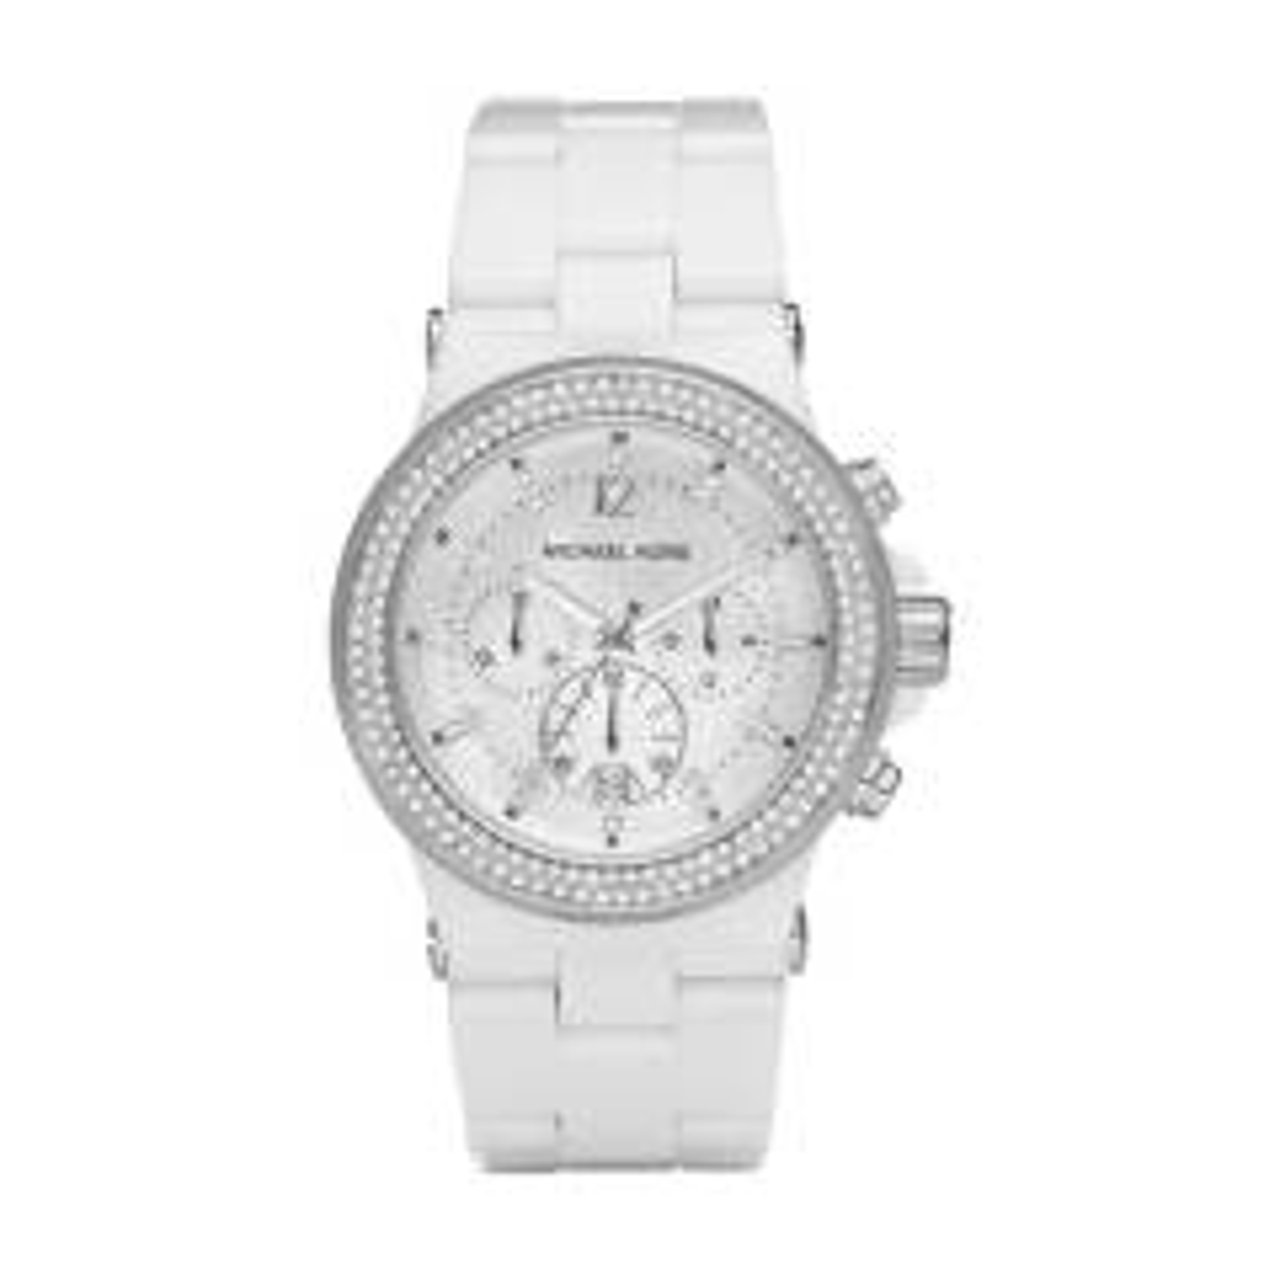 ساعت مچی عقربه ای زنانه مایکل کورس مدل MK5391